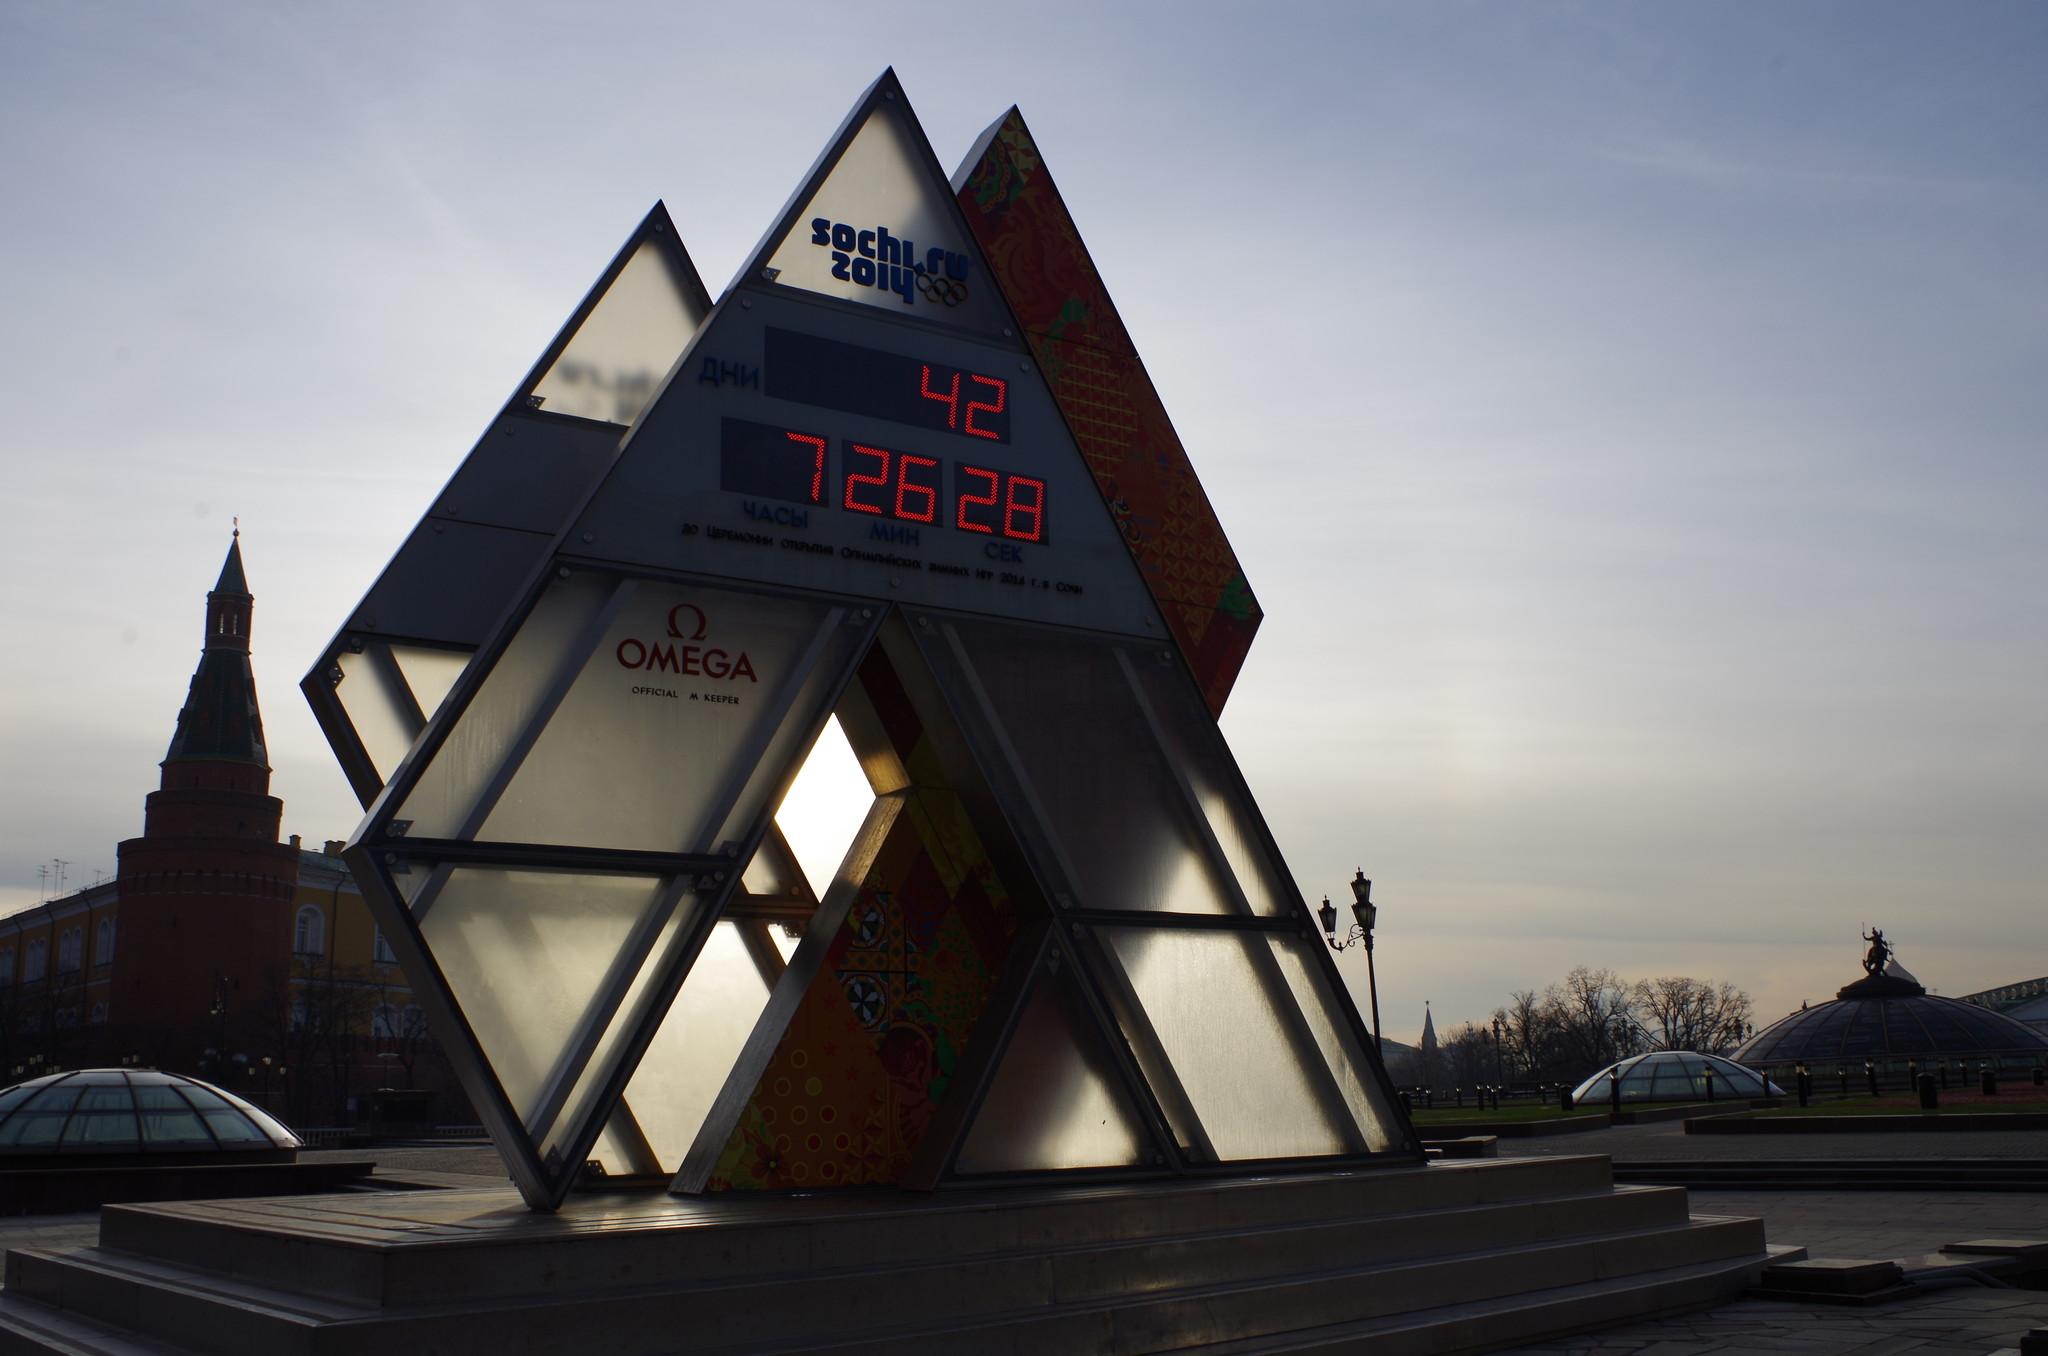 До XXII зимних Олимпийских игр осталось 42 дня